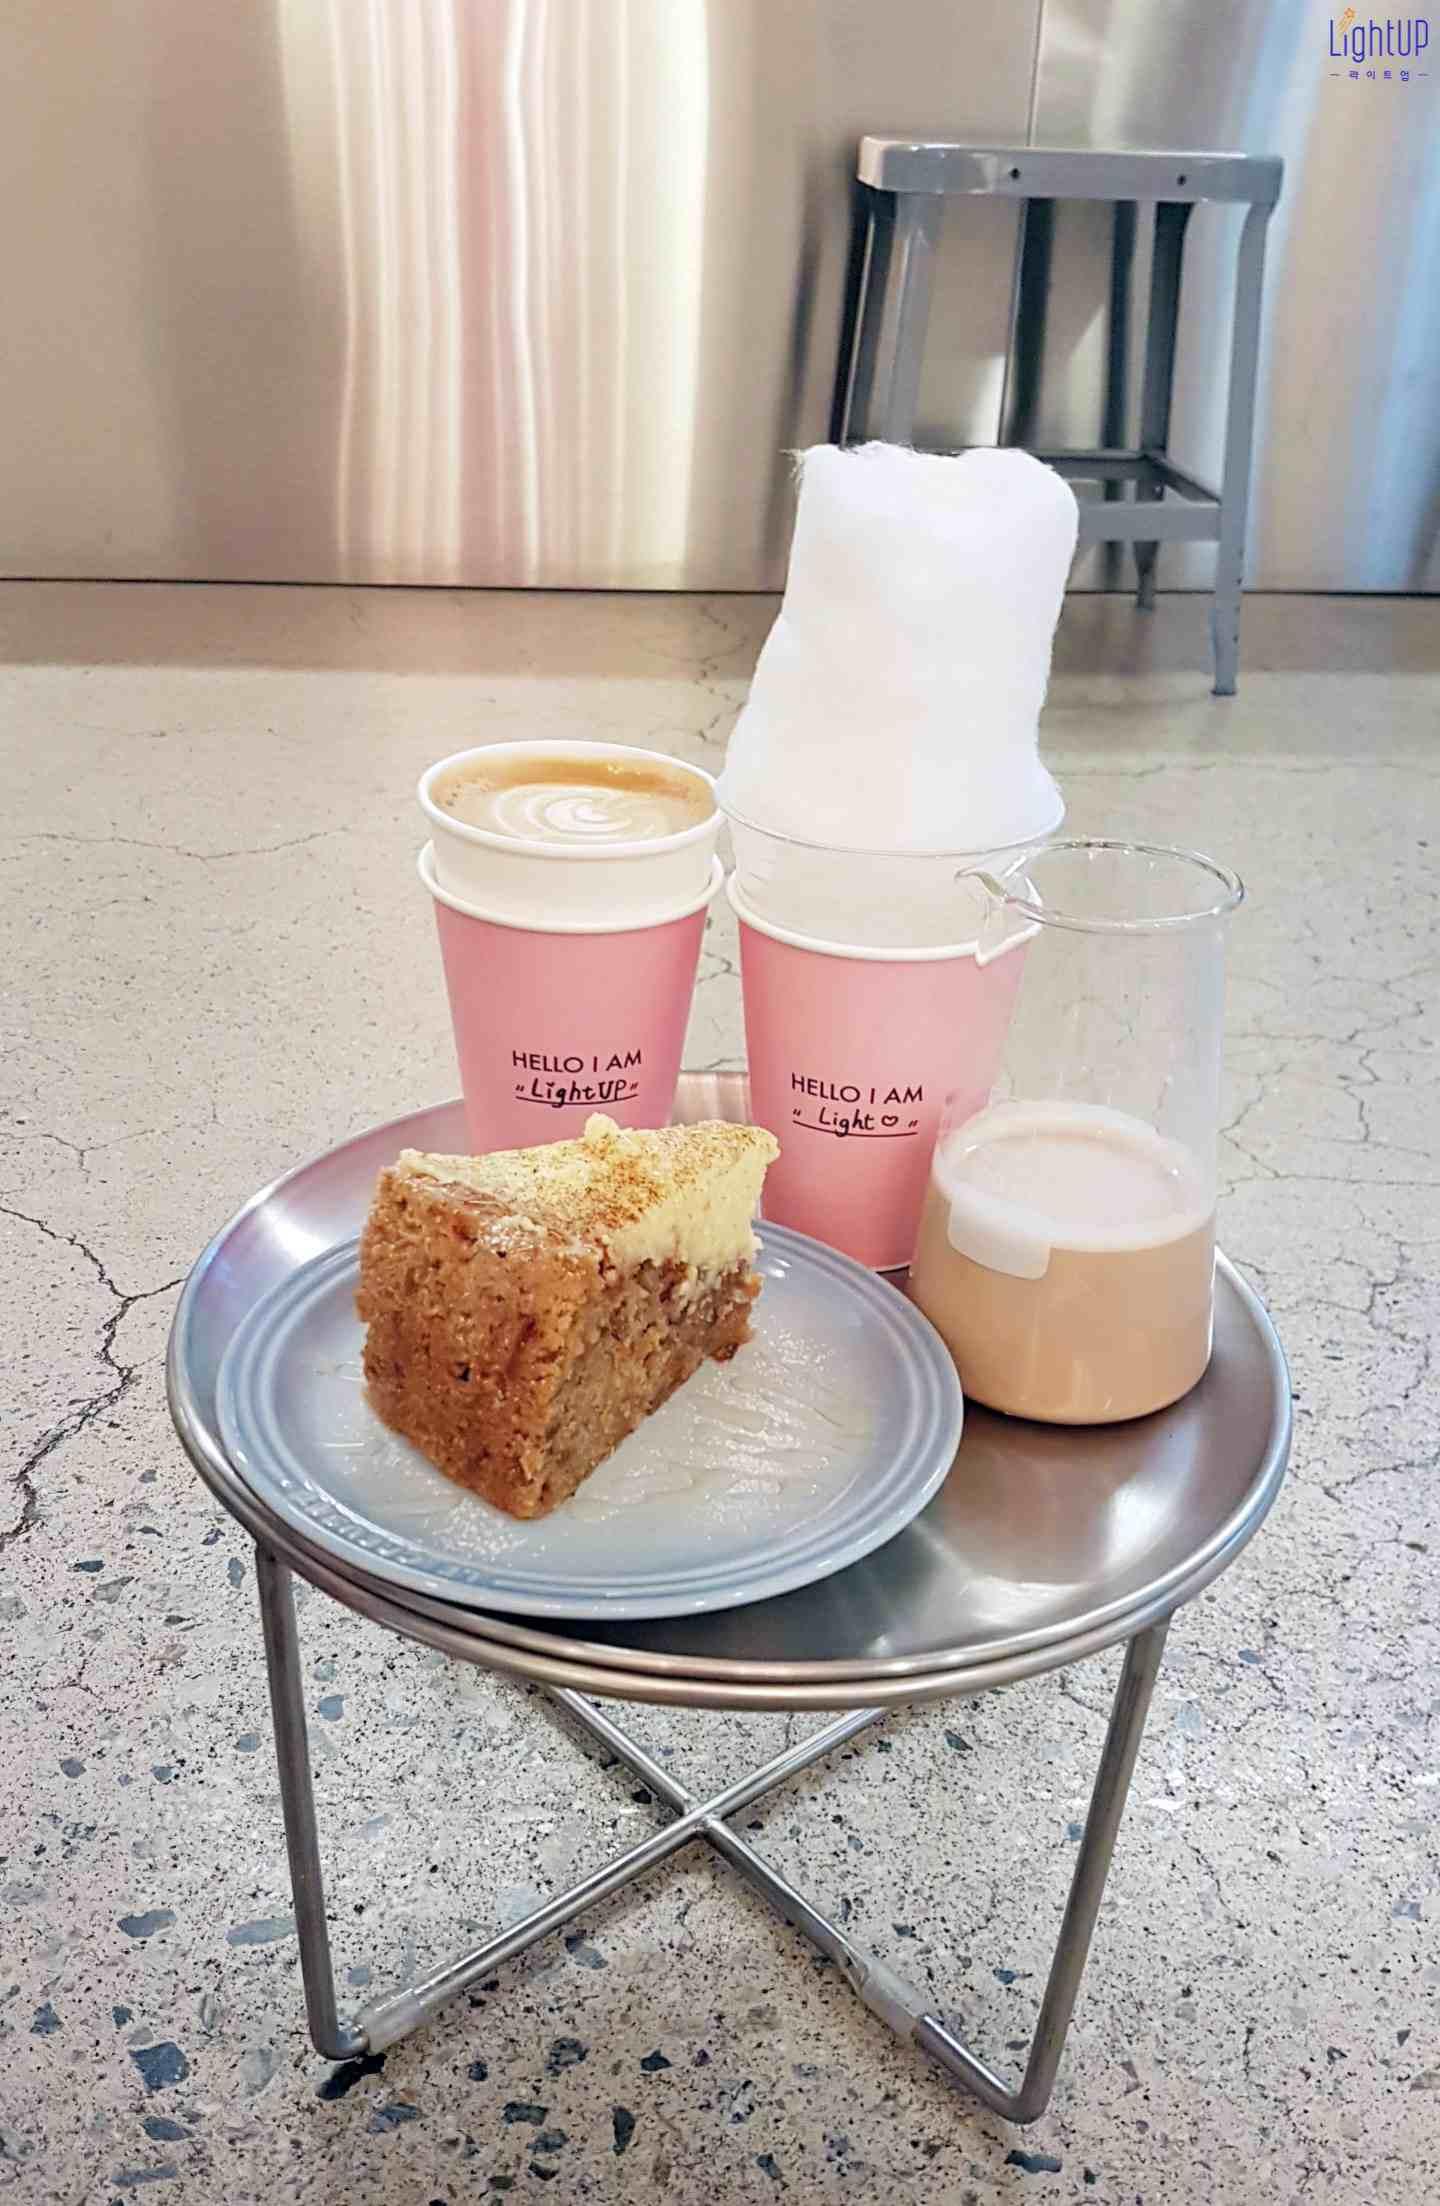 餐點: 熱咖啡拿鐵 + 冰Gumho hill + 手工胡蘿蔔蛋糕   試吃心得 冰Gumho hill 比較有話題性,將帶有花香的奶茶淋上,棉花糖會慢慢消失~ 但真的就是偏甜 !!   蛋糕札實,奶油香氣十足,盤上還淋了蜂蜜,完全可以滿足嗜甜的小螞蟻們 ^^